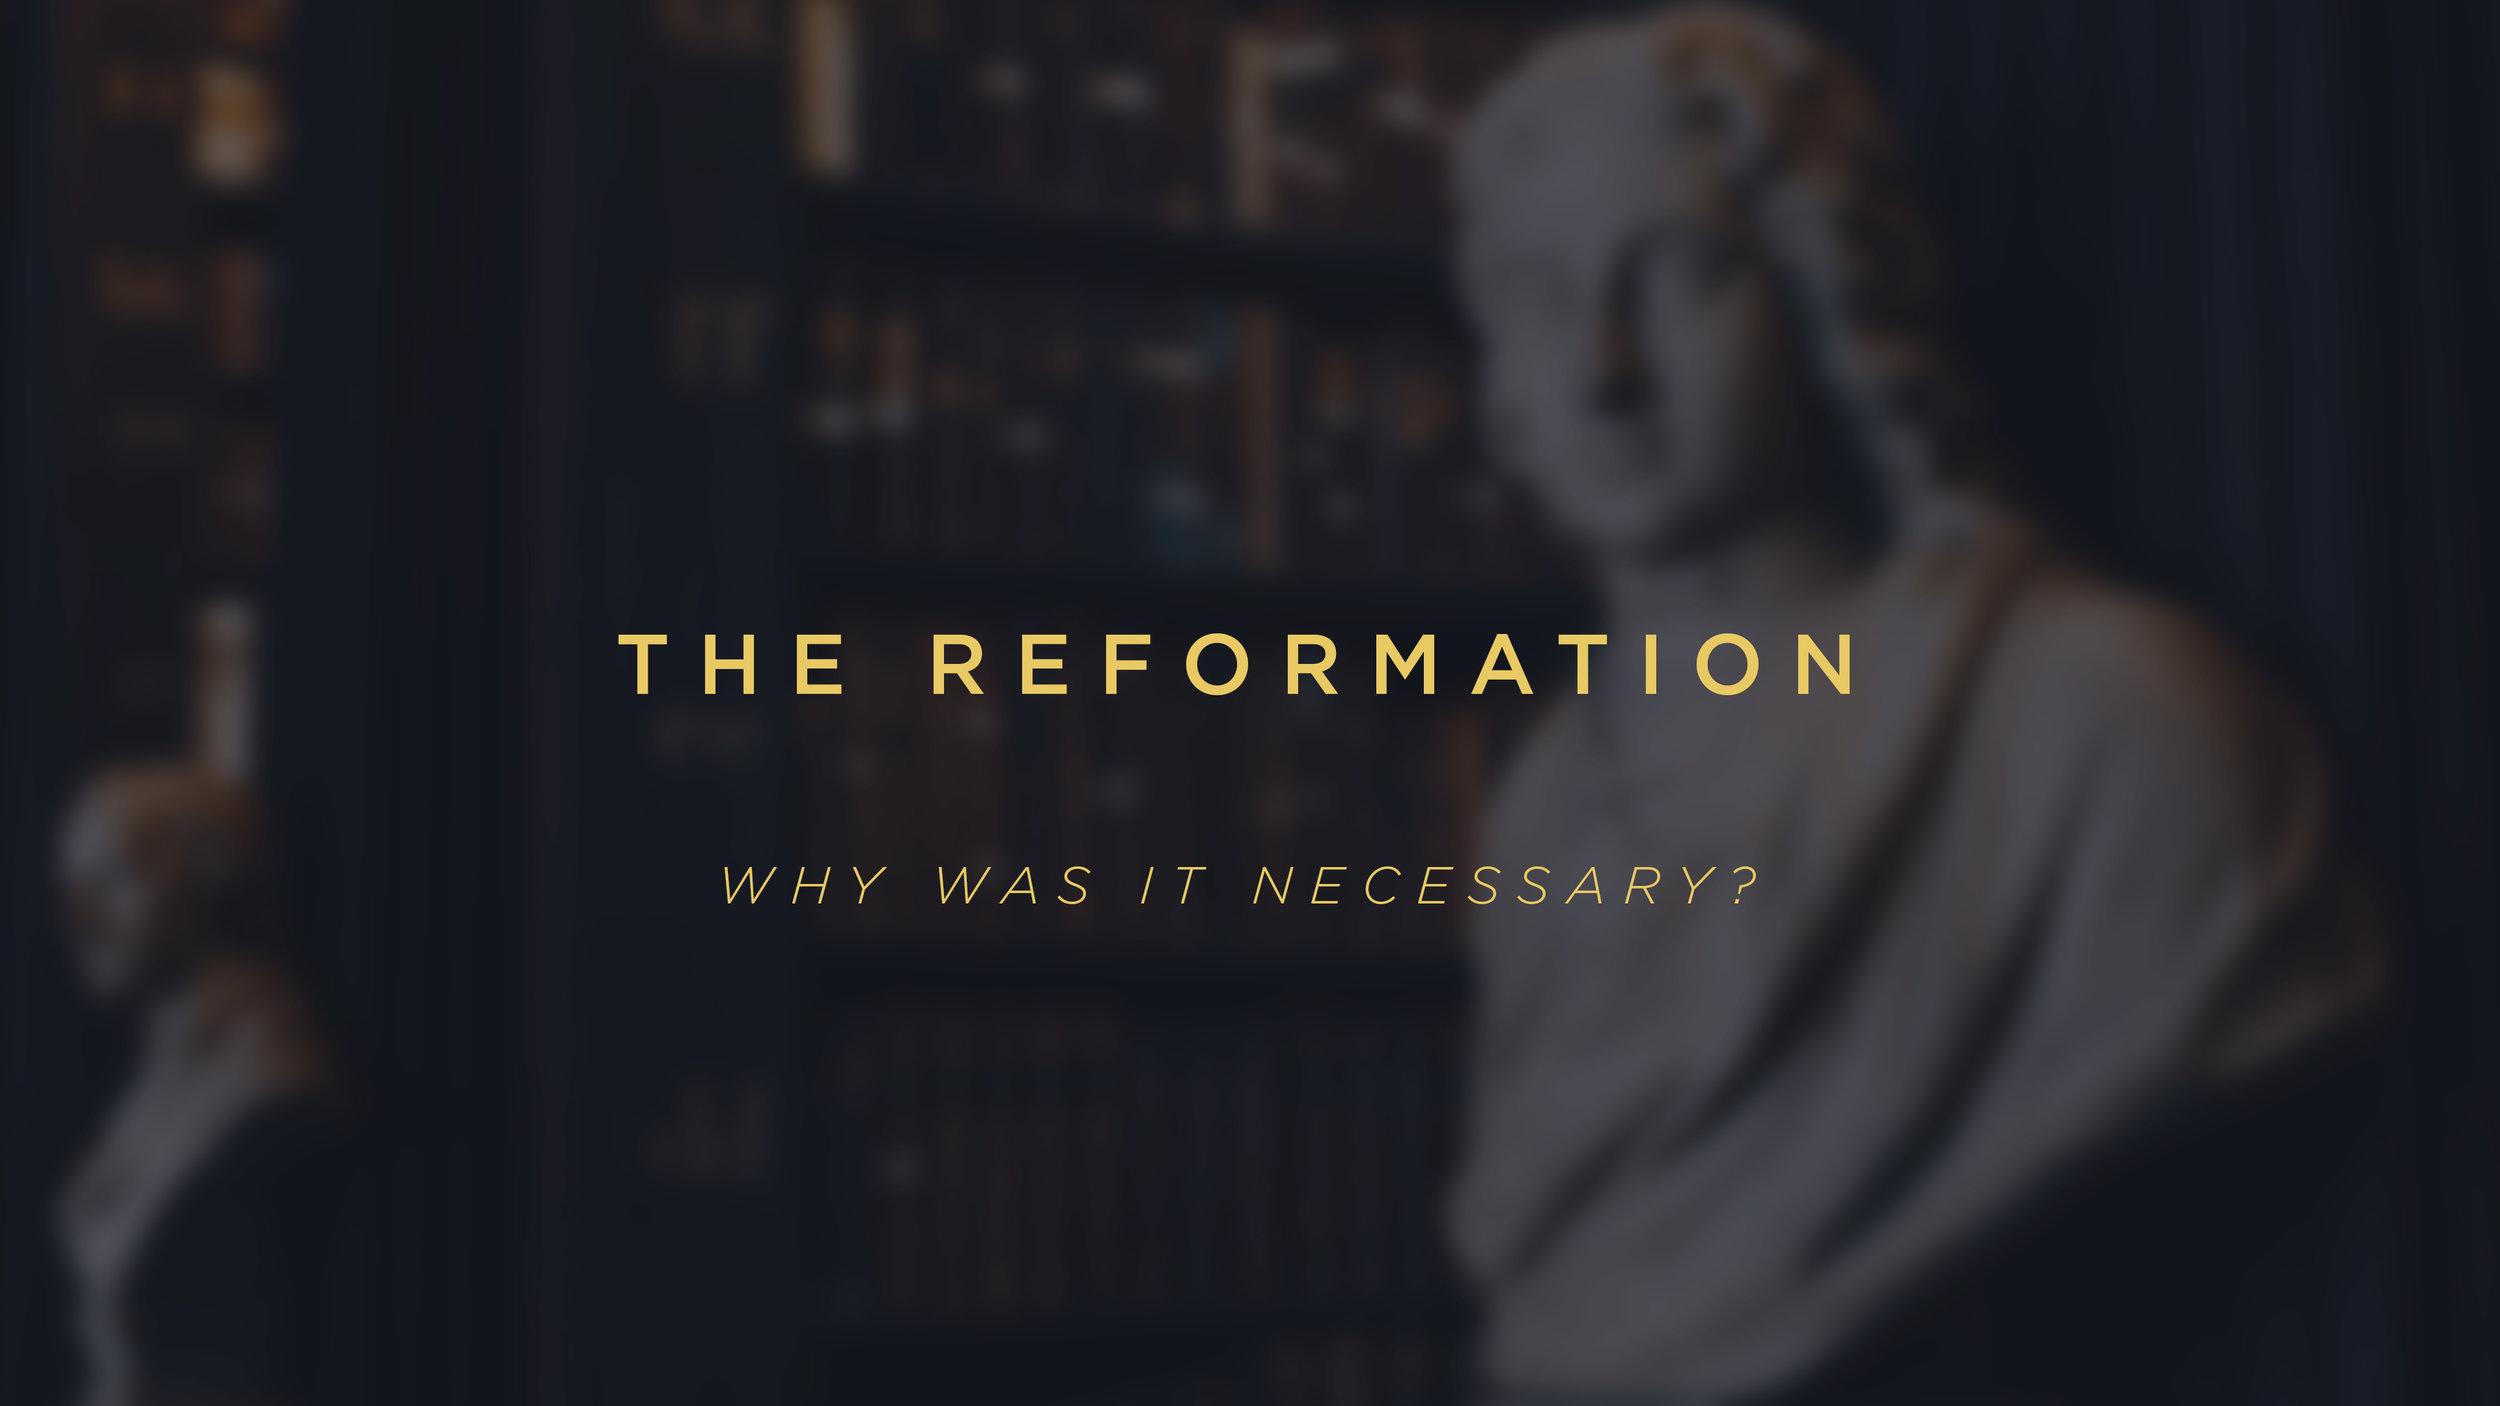 Reformation_WhyWasItNecessary?